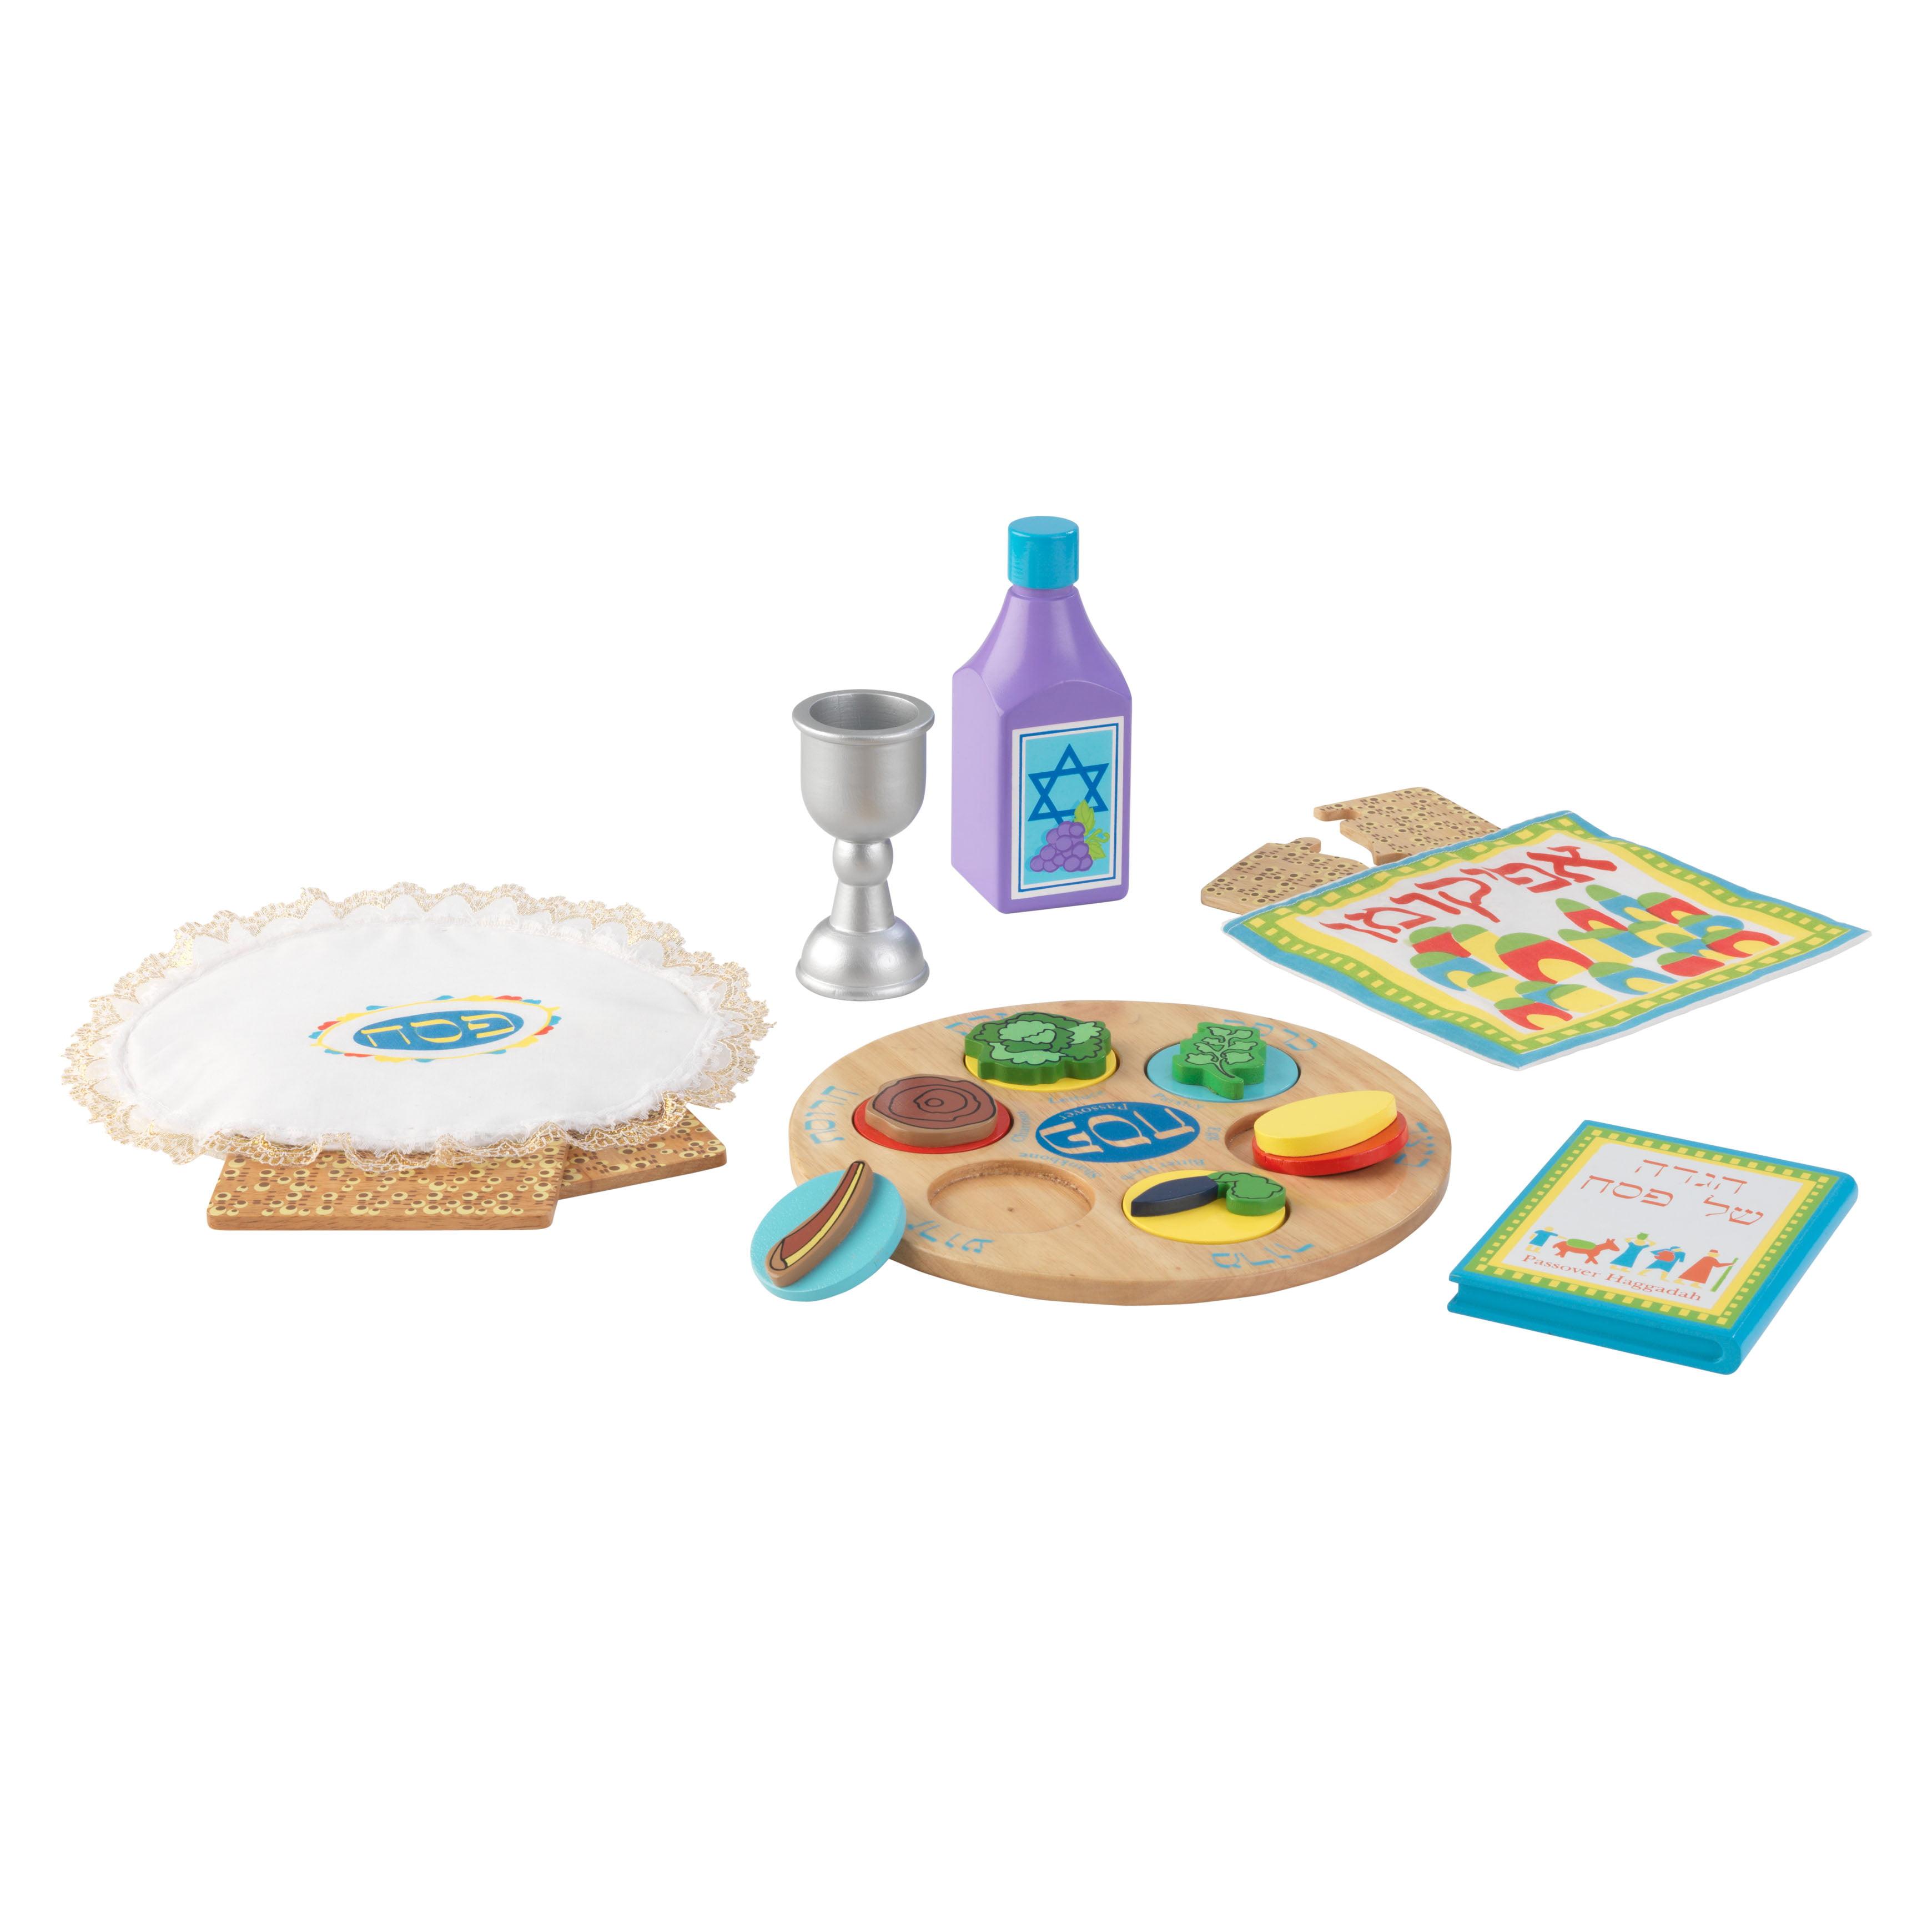 KidKraft Passover Set by KidKraft